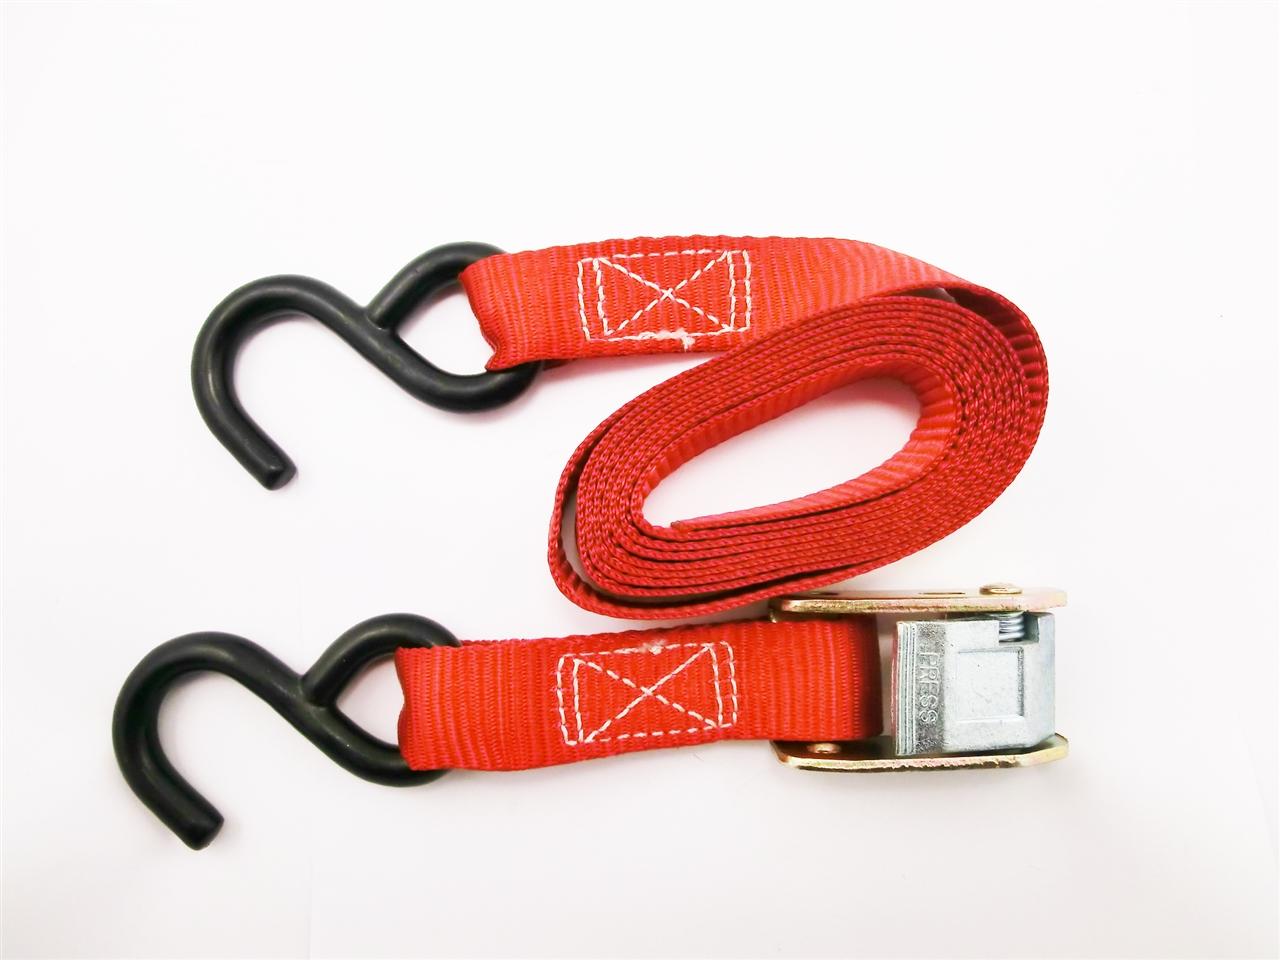 行李物品捆绑带CT02-WH02F